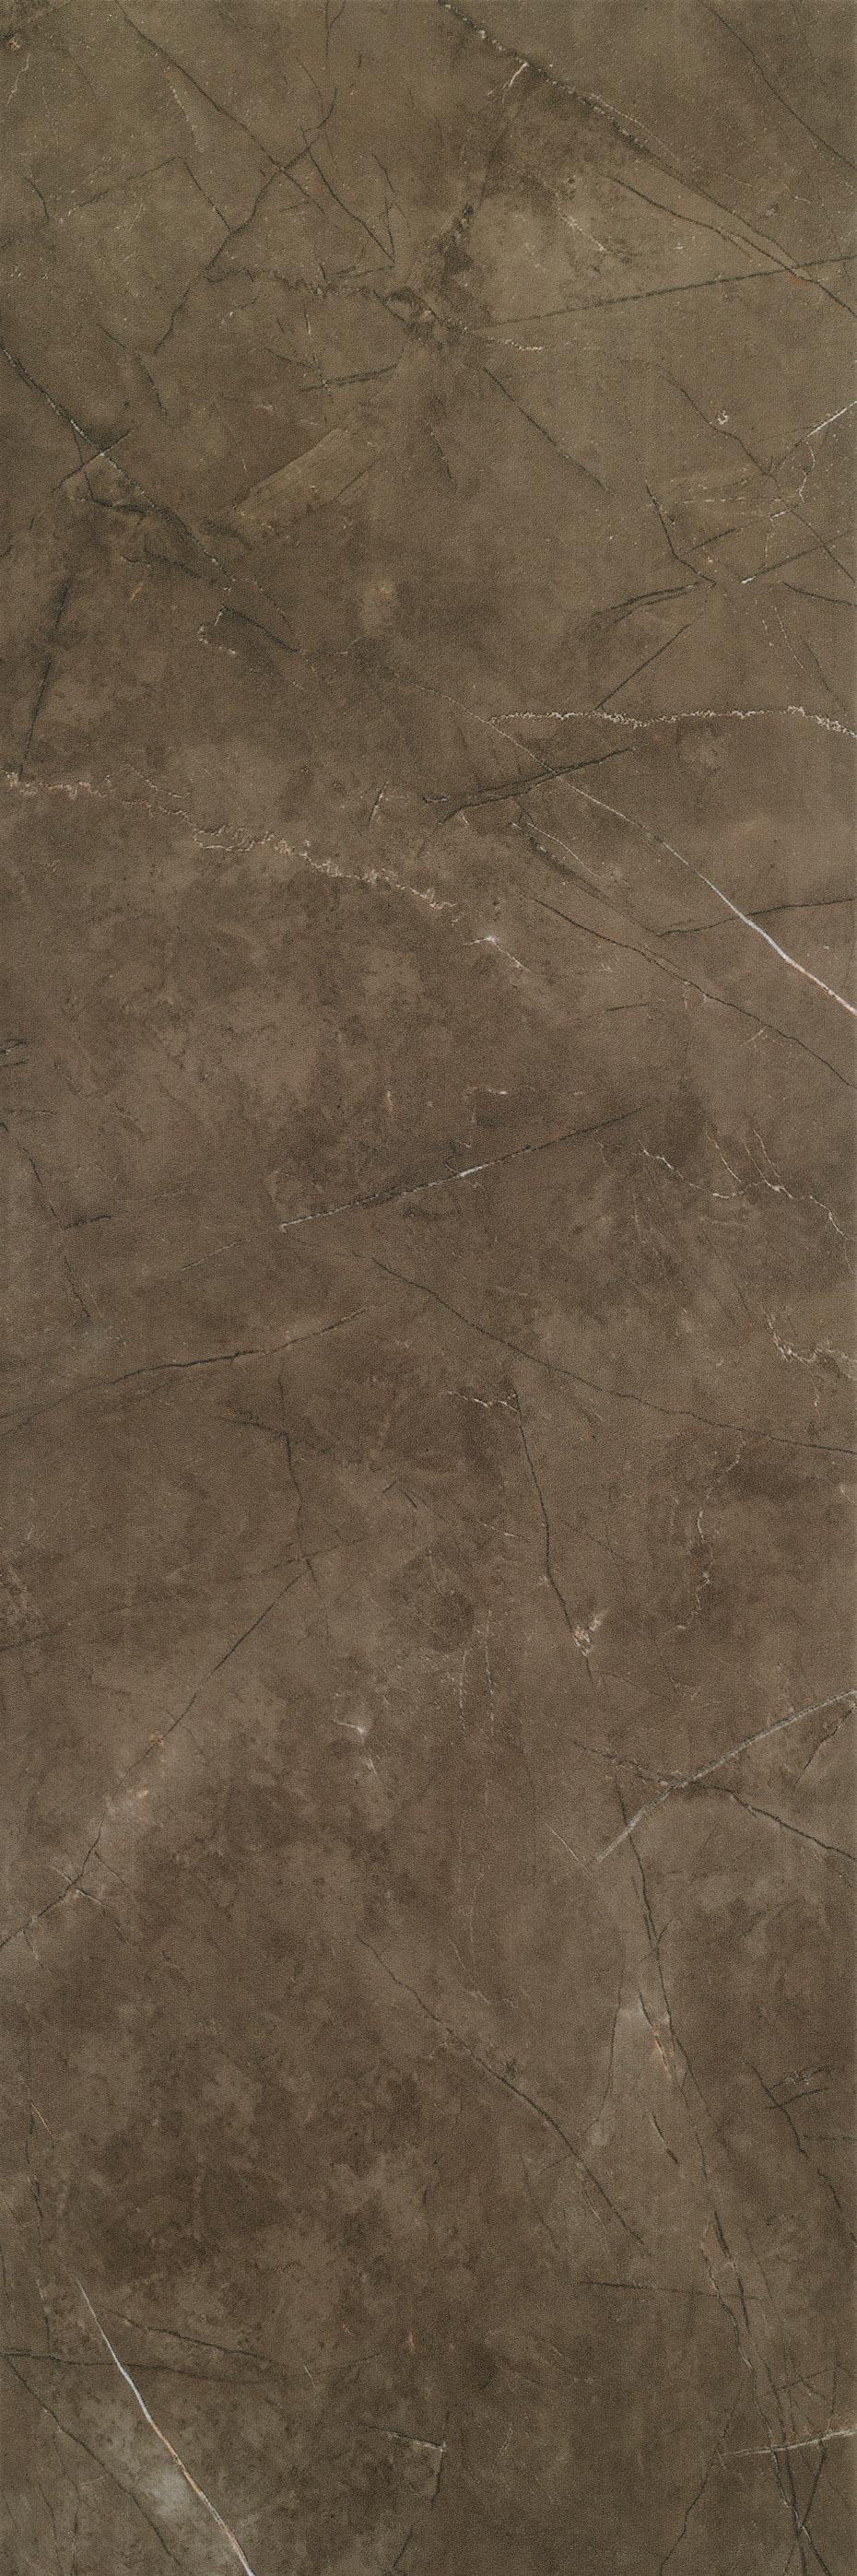 Фото - Настенная плитка Grespania Palace 90 +13635 90 Pulpis настенная плитка grespania reims marfil 30x30